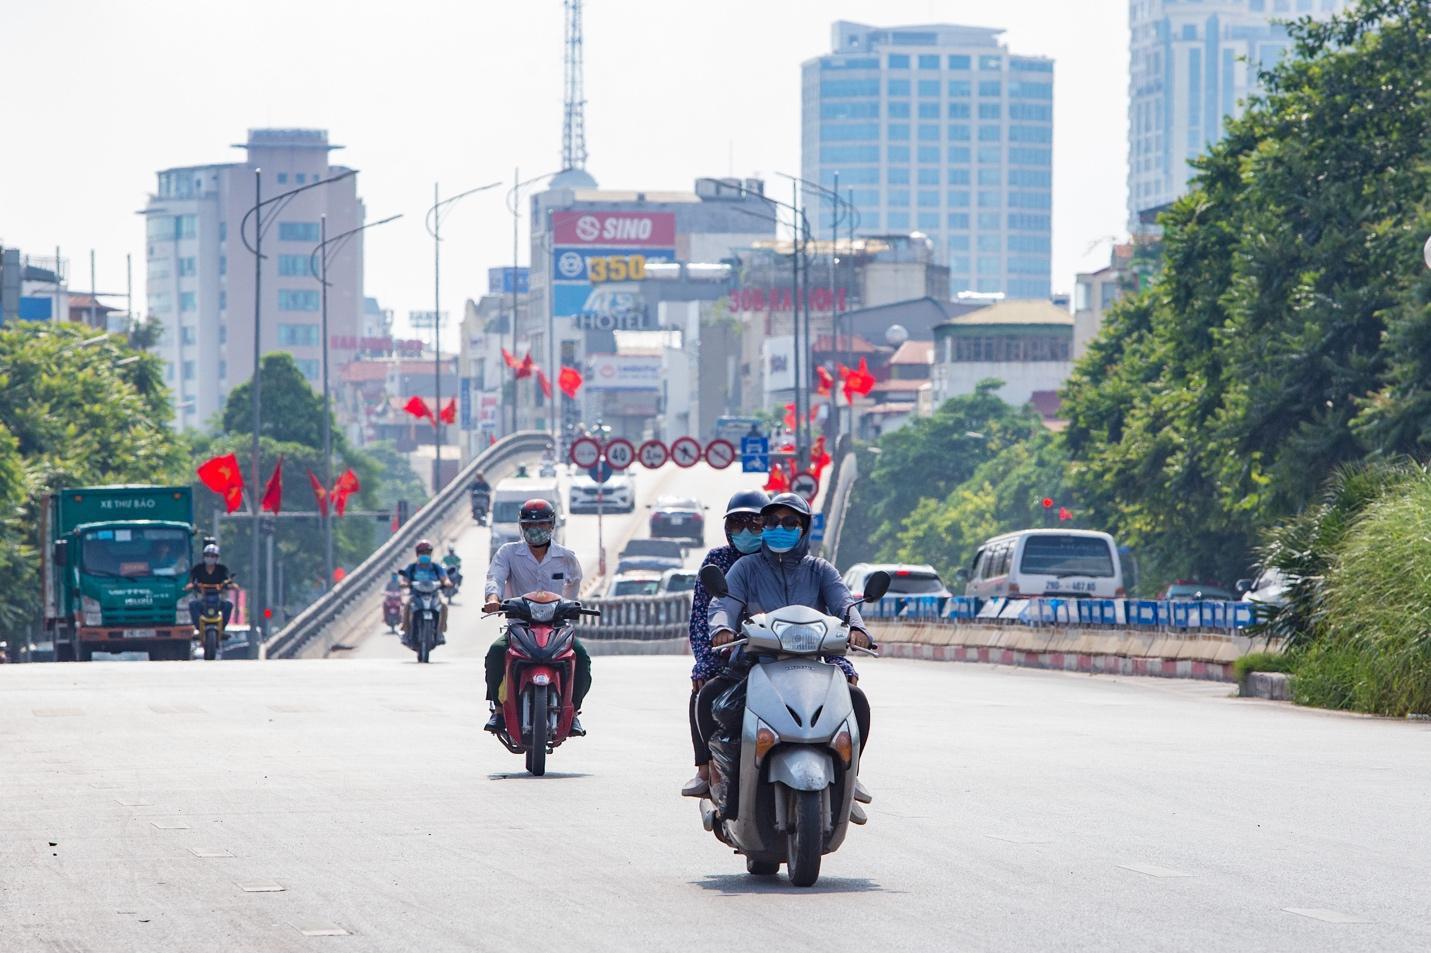 Cận cảnh 5 tuyến đường được mệnh danh đắt nhất hành tinh ở Hà Nội - Ảnh 4.